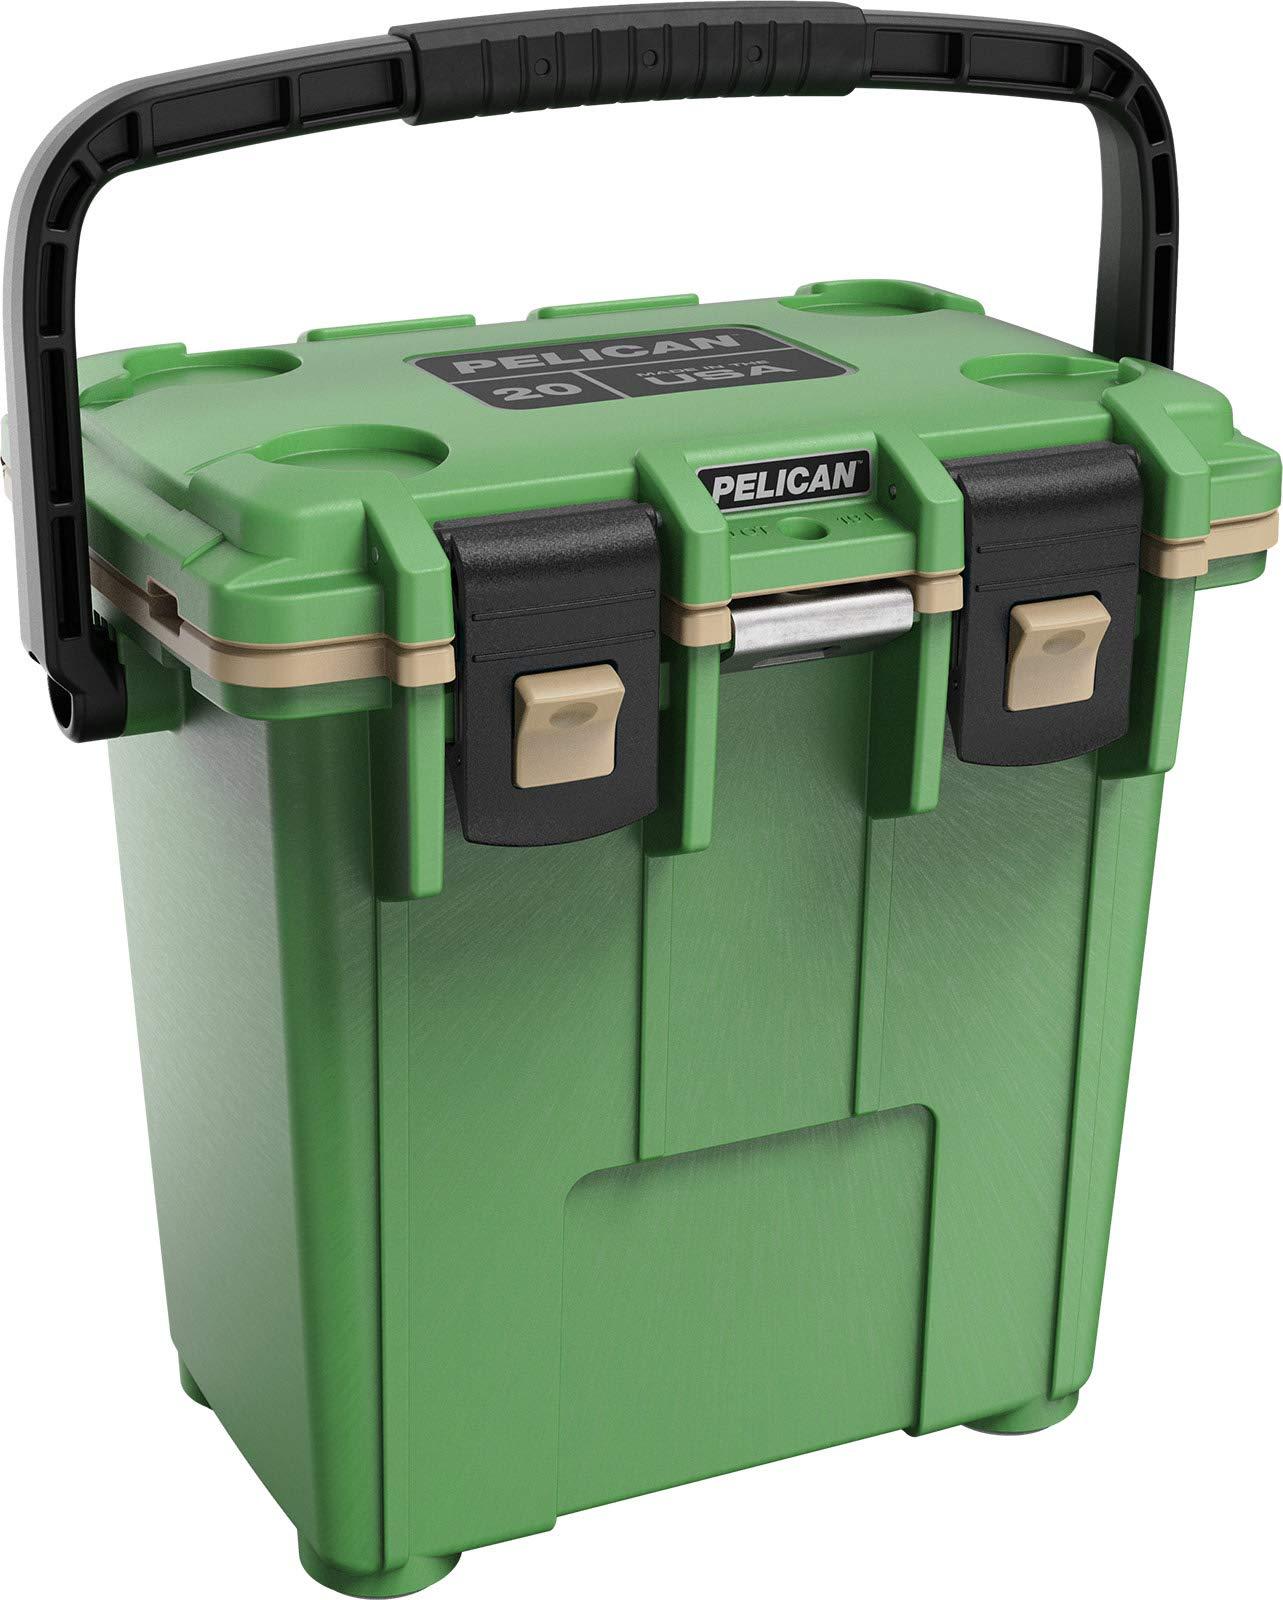 Pelican Elite 20 Quart Cooler (Cactus Green/Coyote)